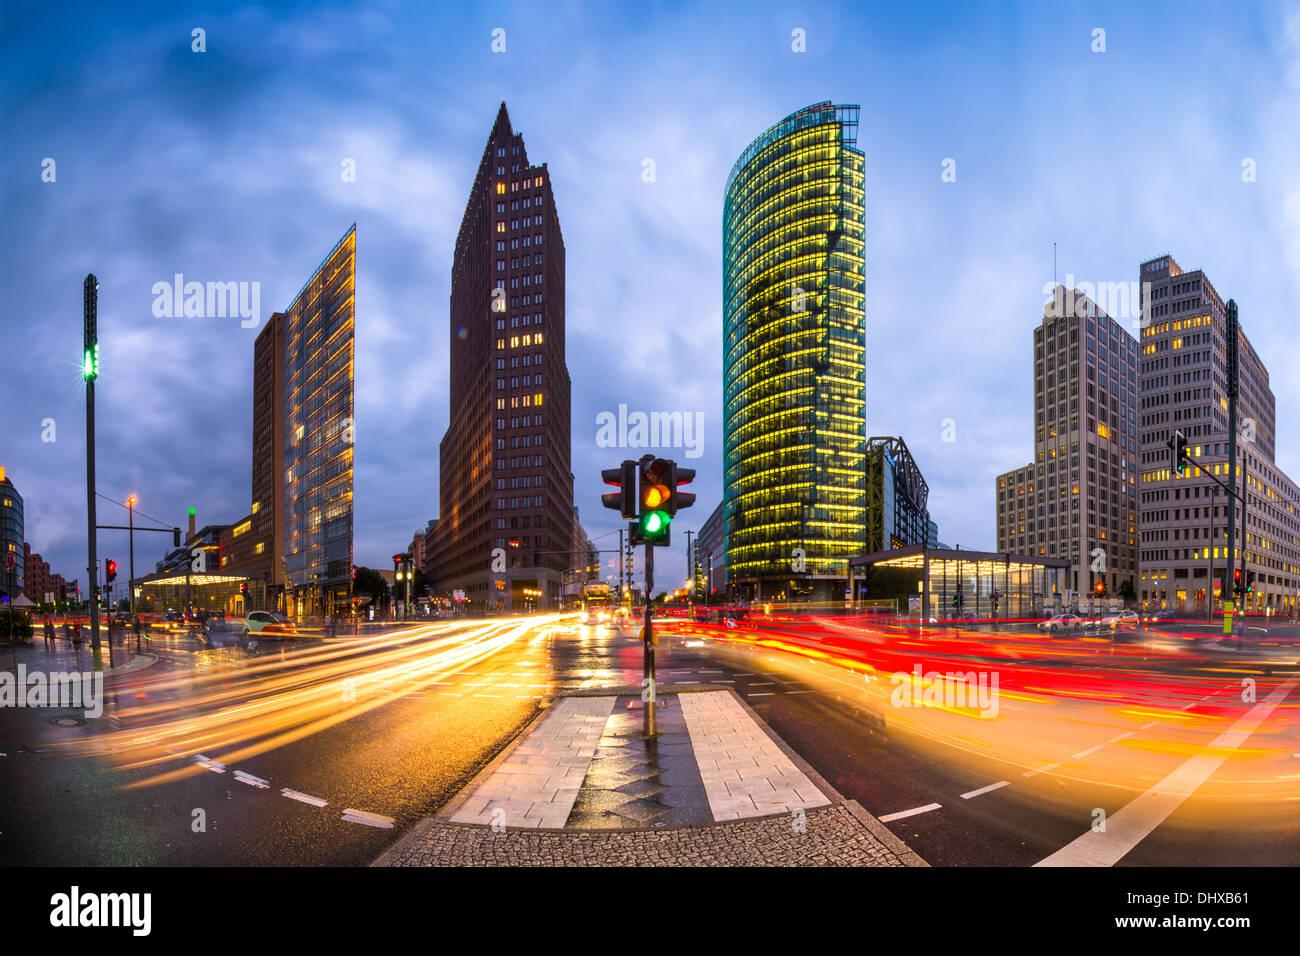 Potsdamer Platz ist der finanzielle Bezirk von Berlin, Deutschland. Stockbild